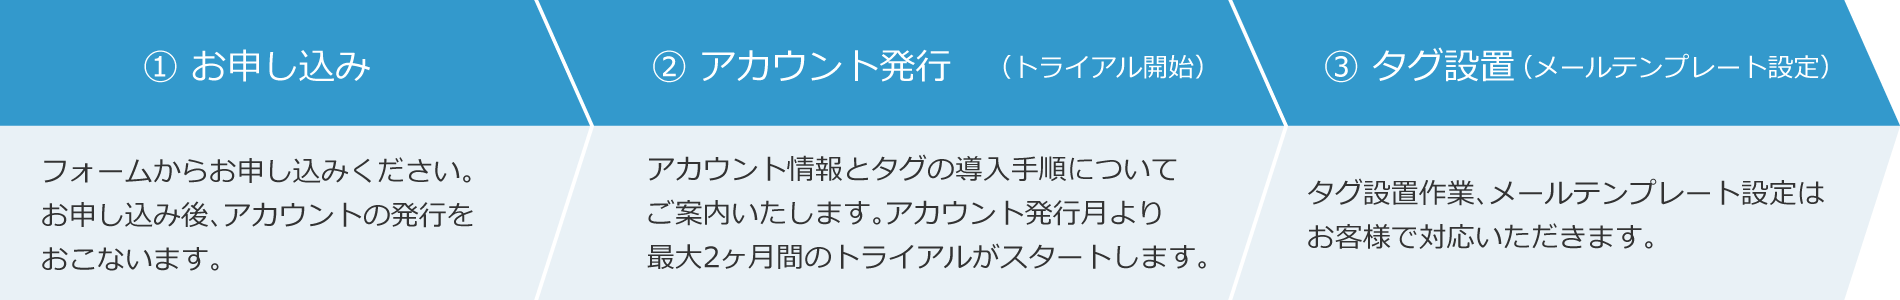 1.お申し込み〜2.アカウント発行〜3.タグ設置